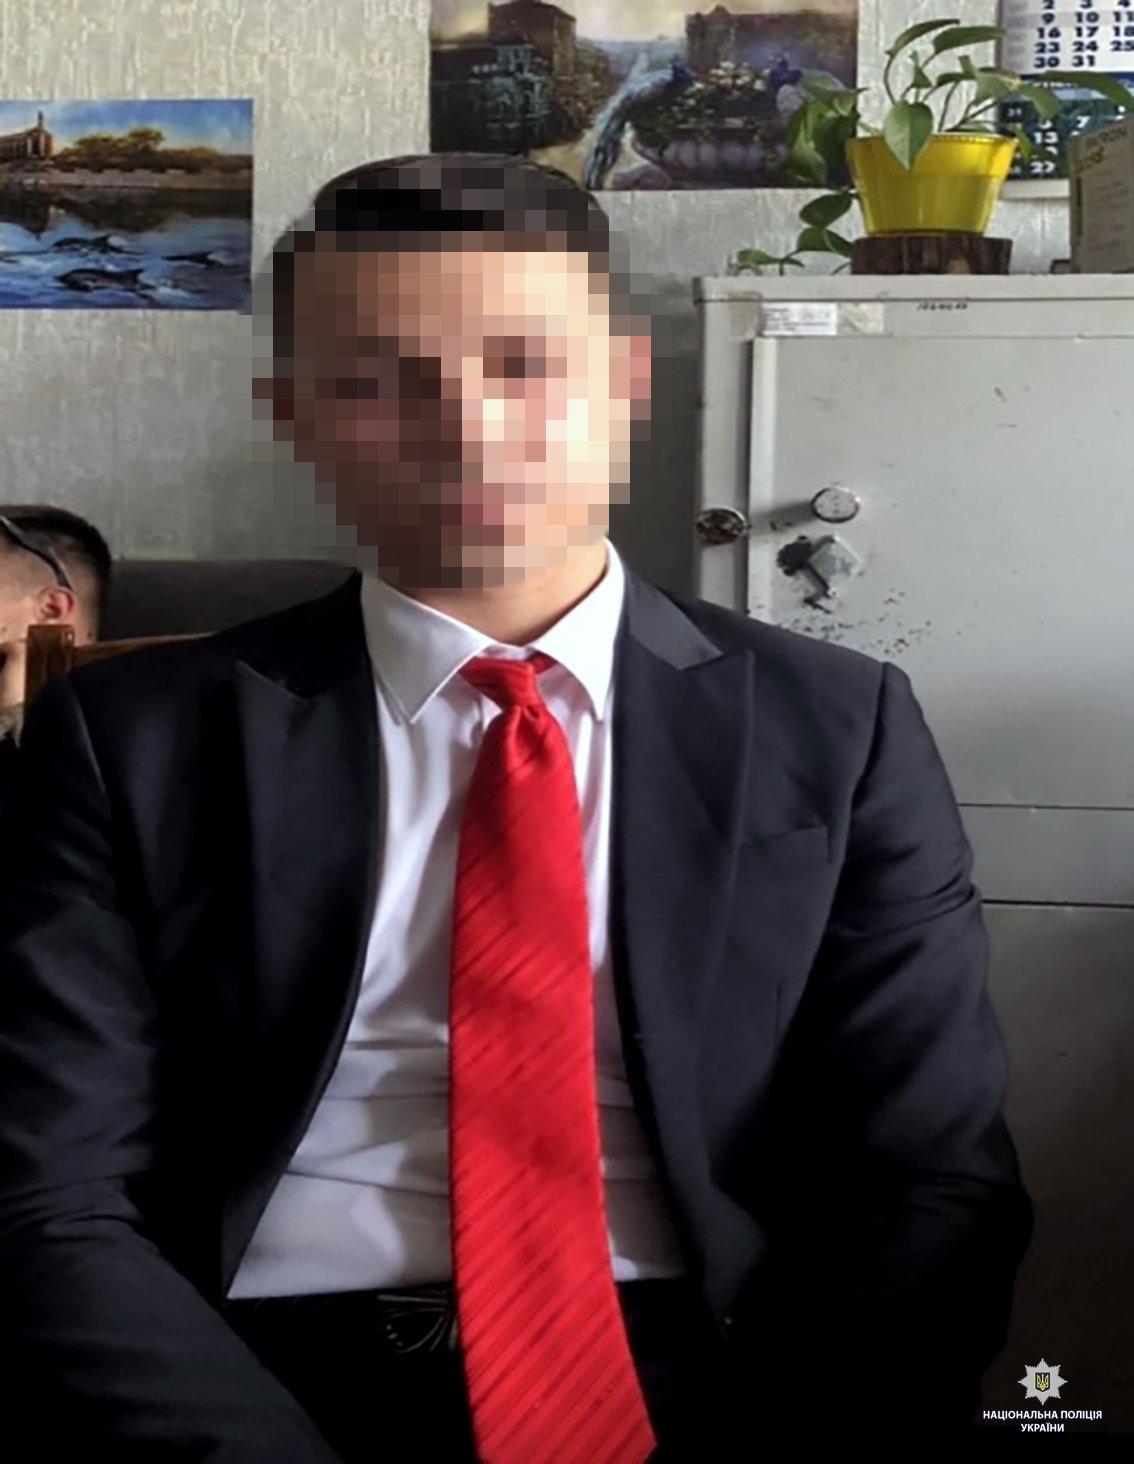 В Харькове задержали сумчанина за сутенерство и торговлю людьми, фото-1